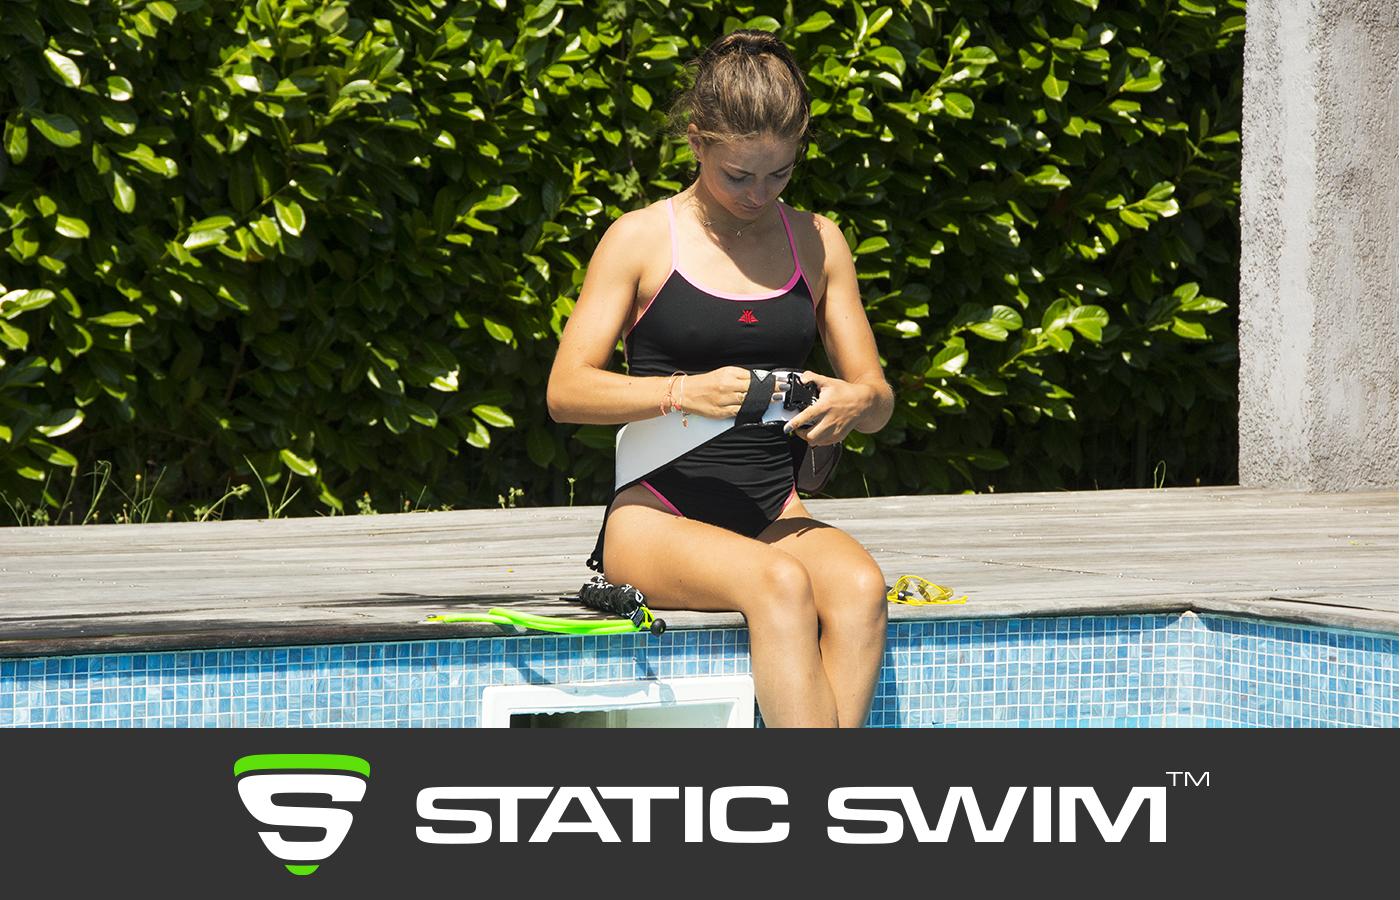 Ceinture de nage piscine mise en place